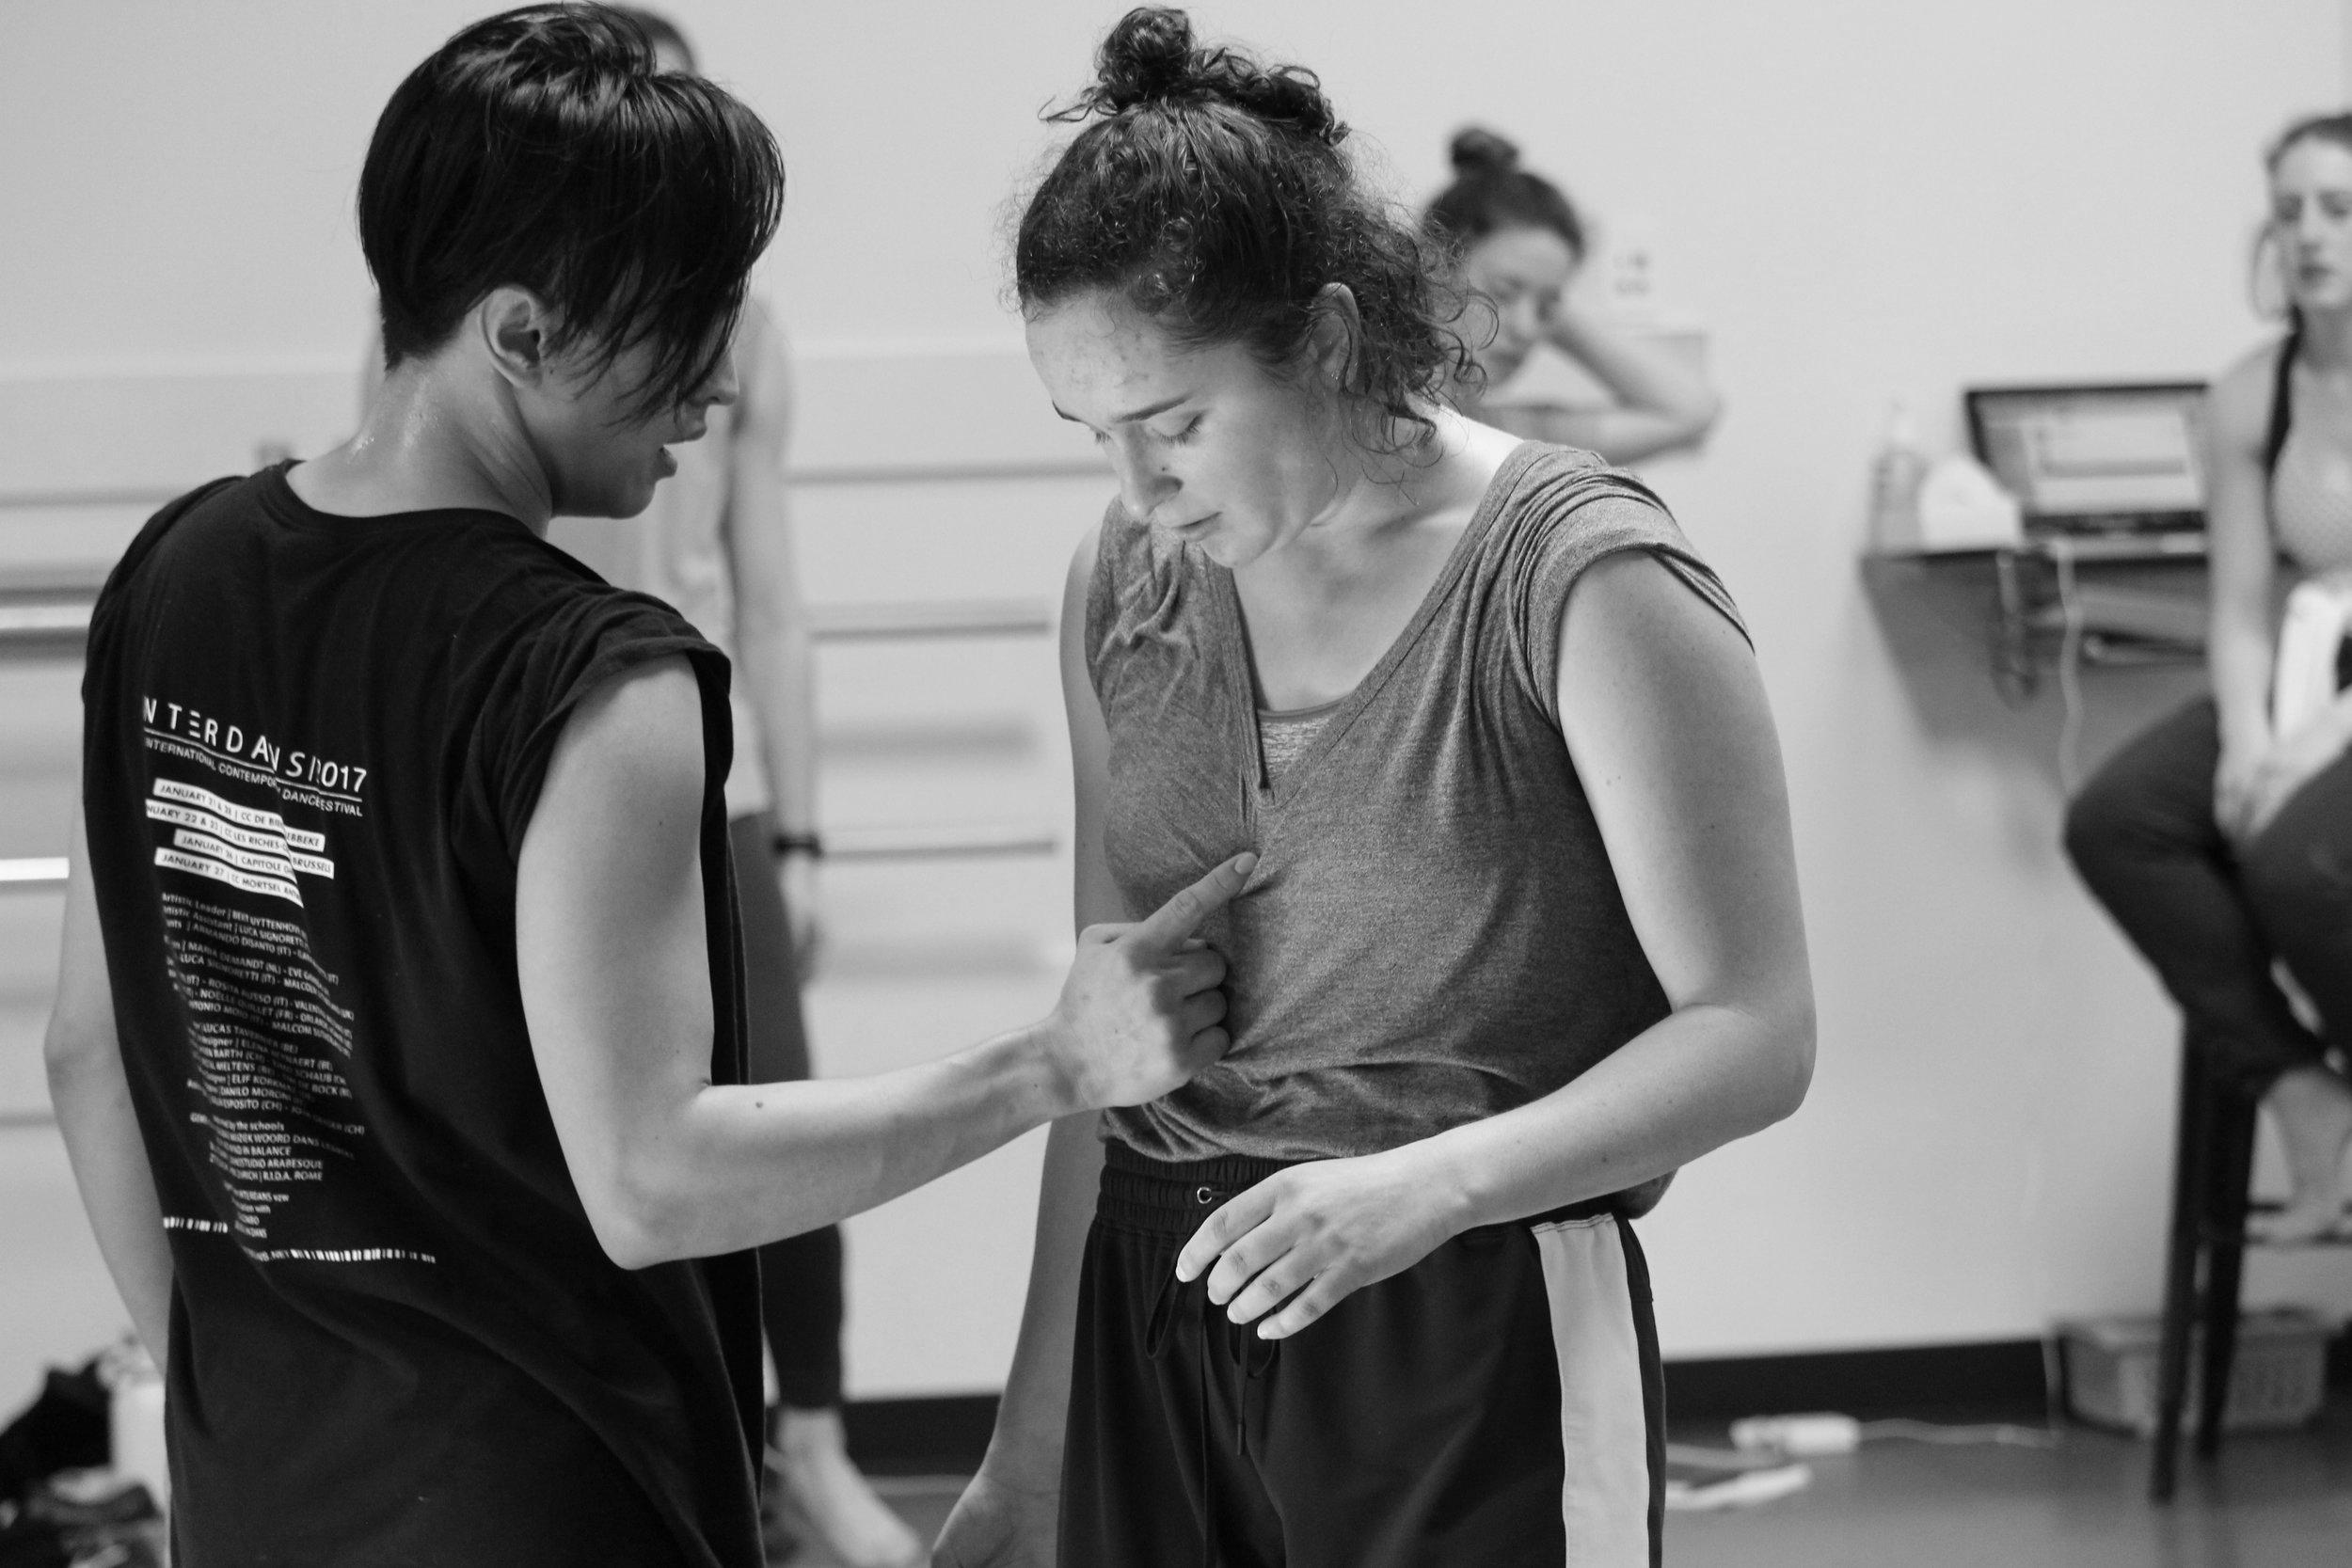 Lena & Orlando rehearse  Rattletrap .